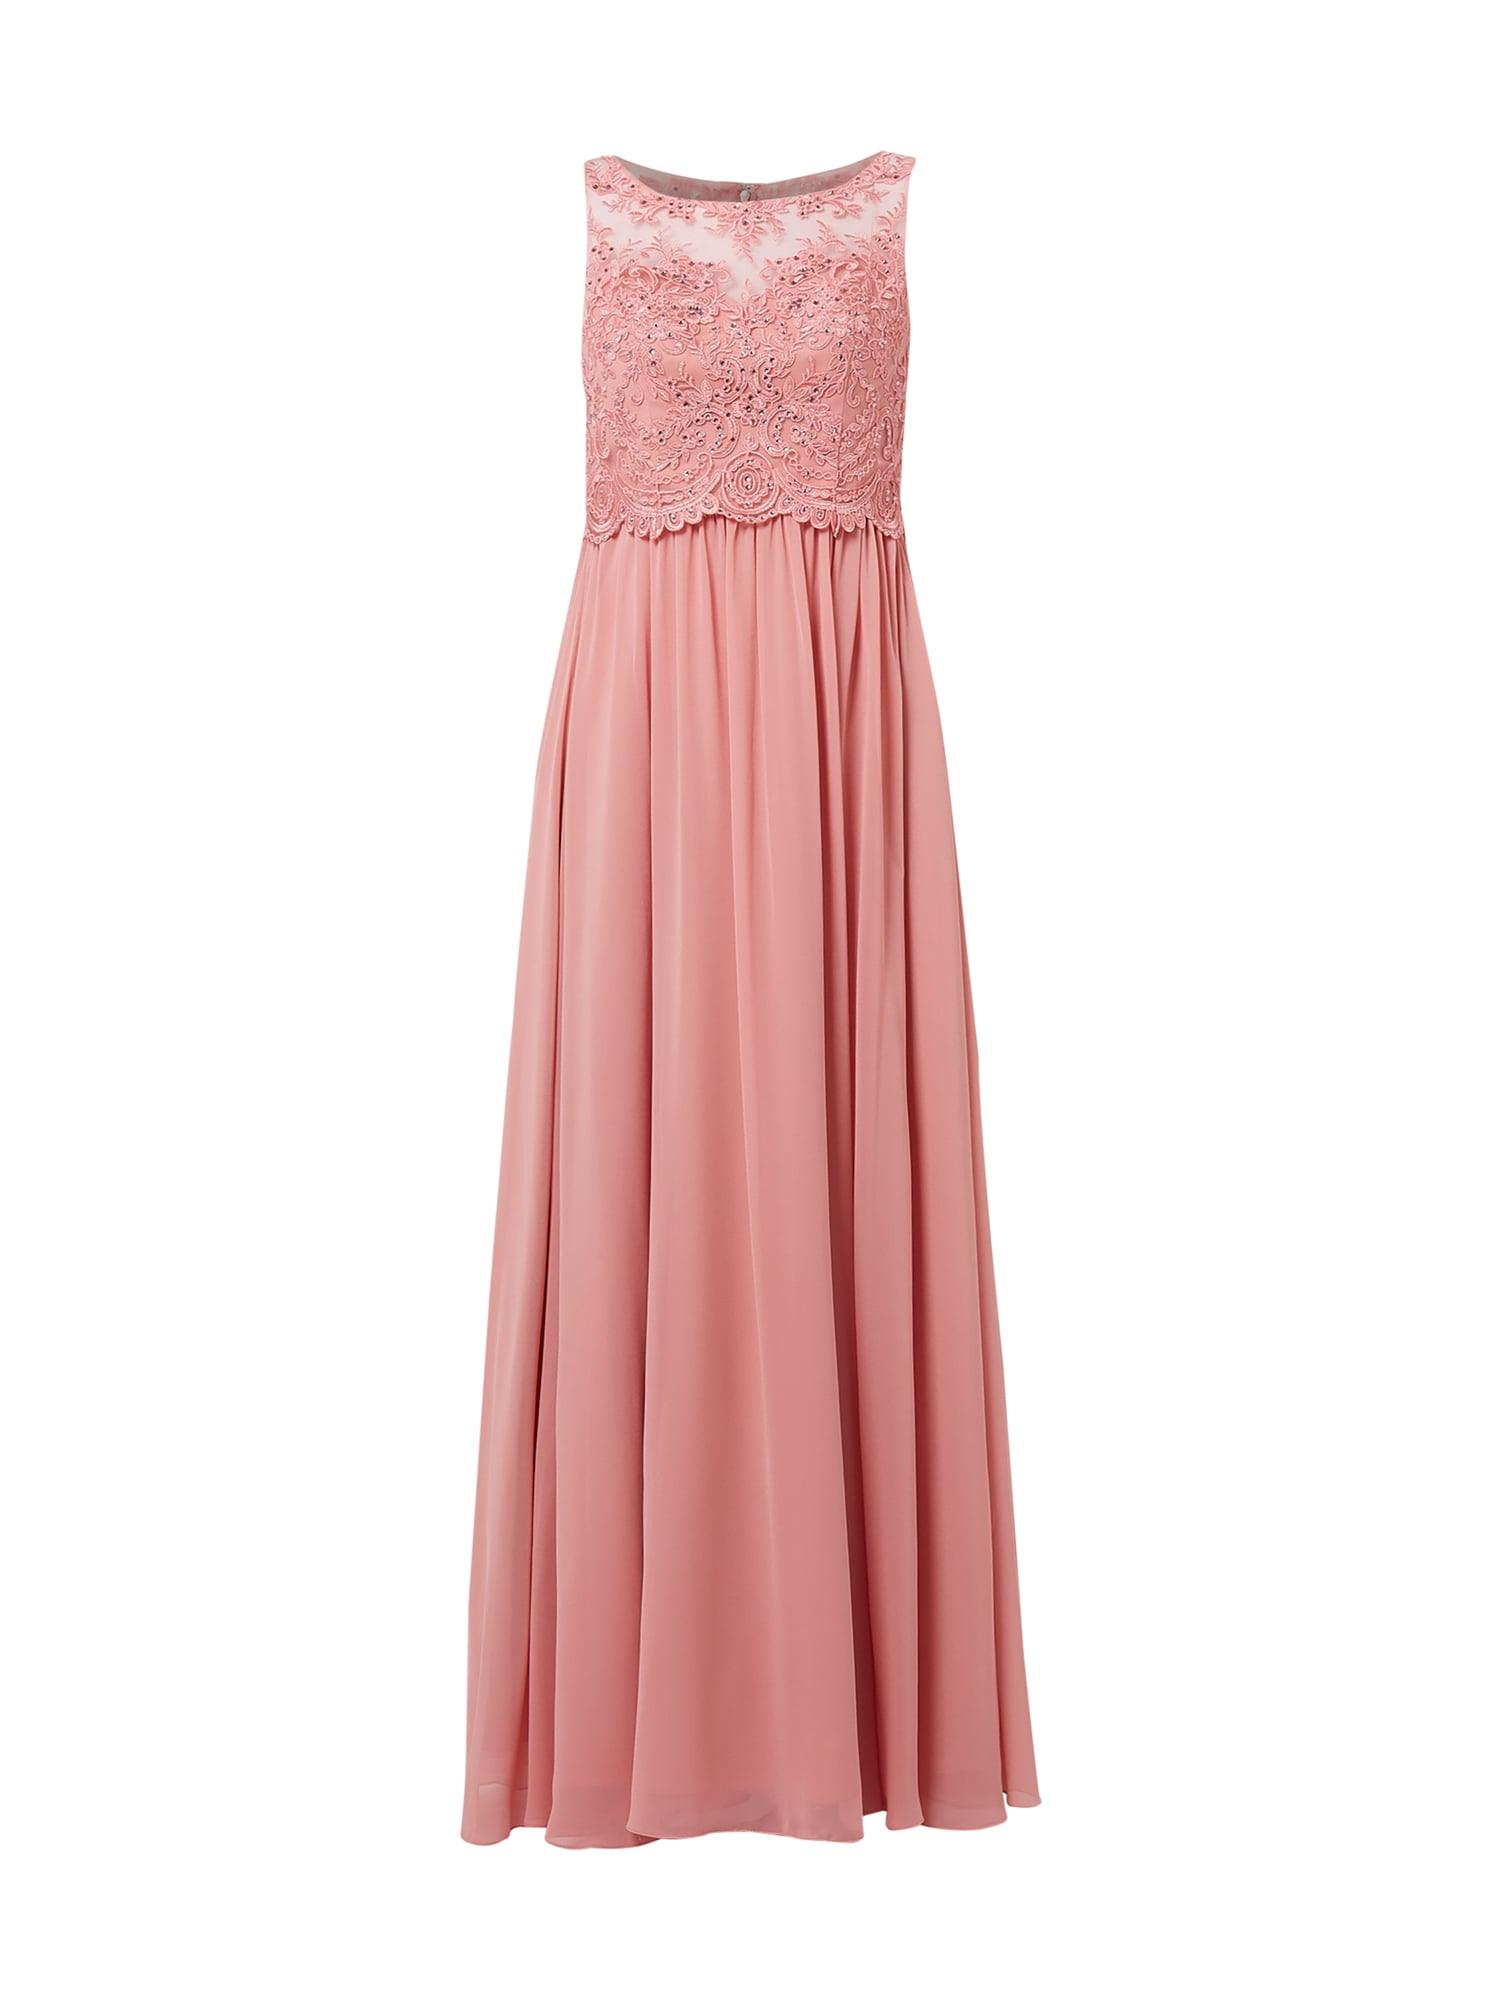 Abend Elegant Abendkleider Für X Figur für 201910 Leicht Abendkleider Für X Figur Boutique